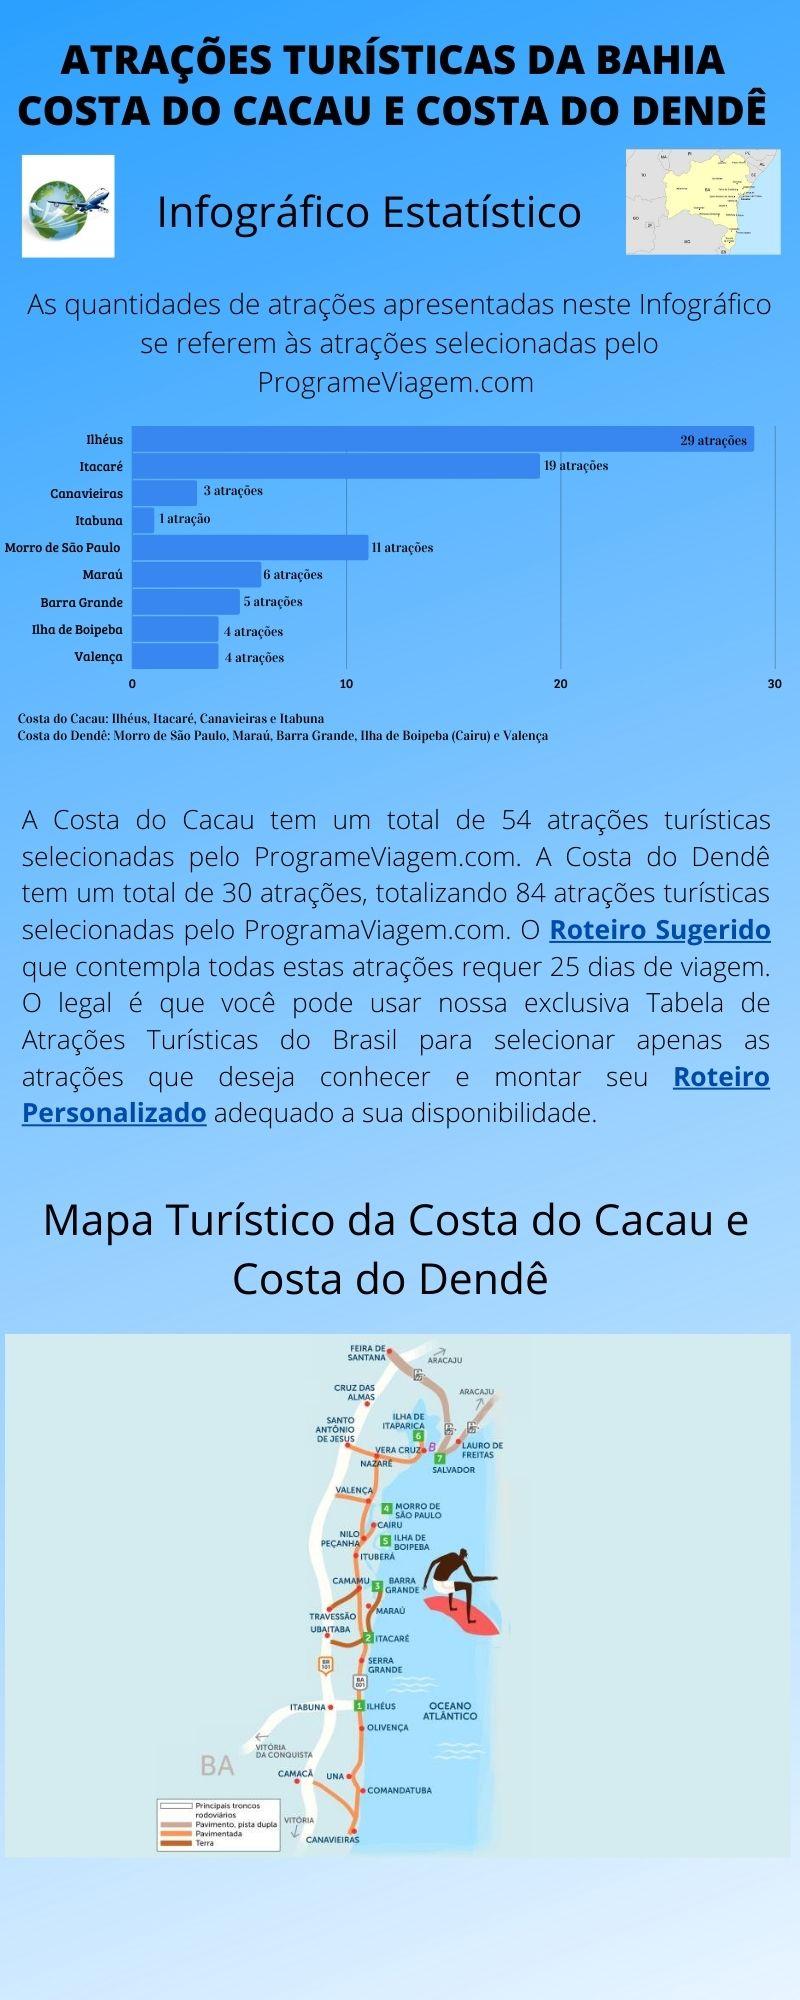 Infográfico Atrações Turísticas da Bahia (Costa do Cacau e Costa do Dendê)1